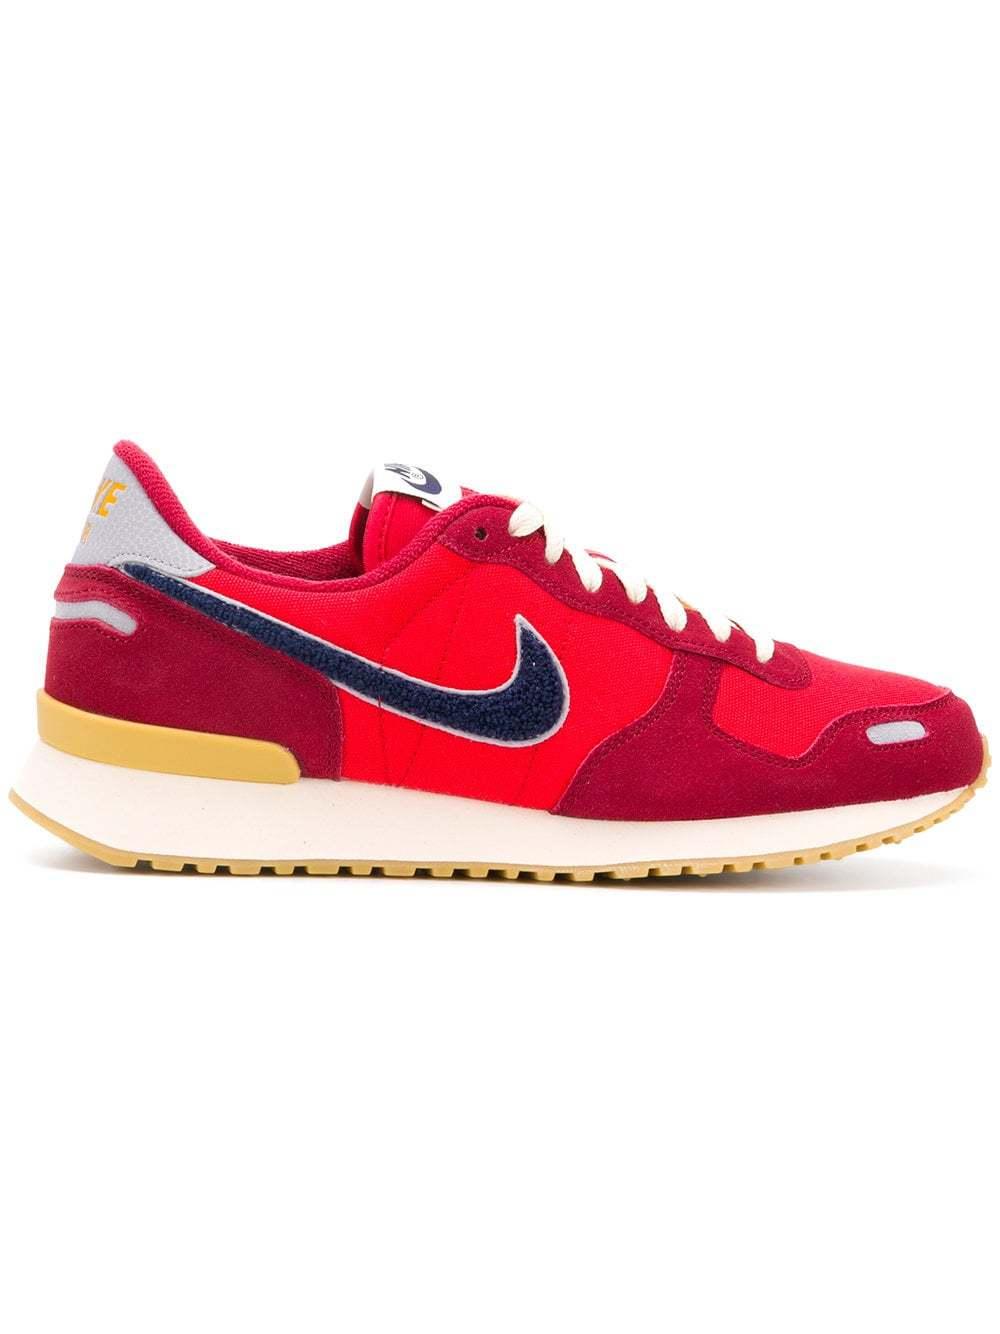 Nike Air Vortex Se Sneakers, $111